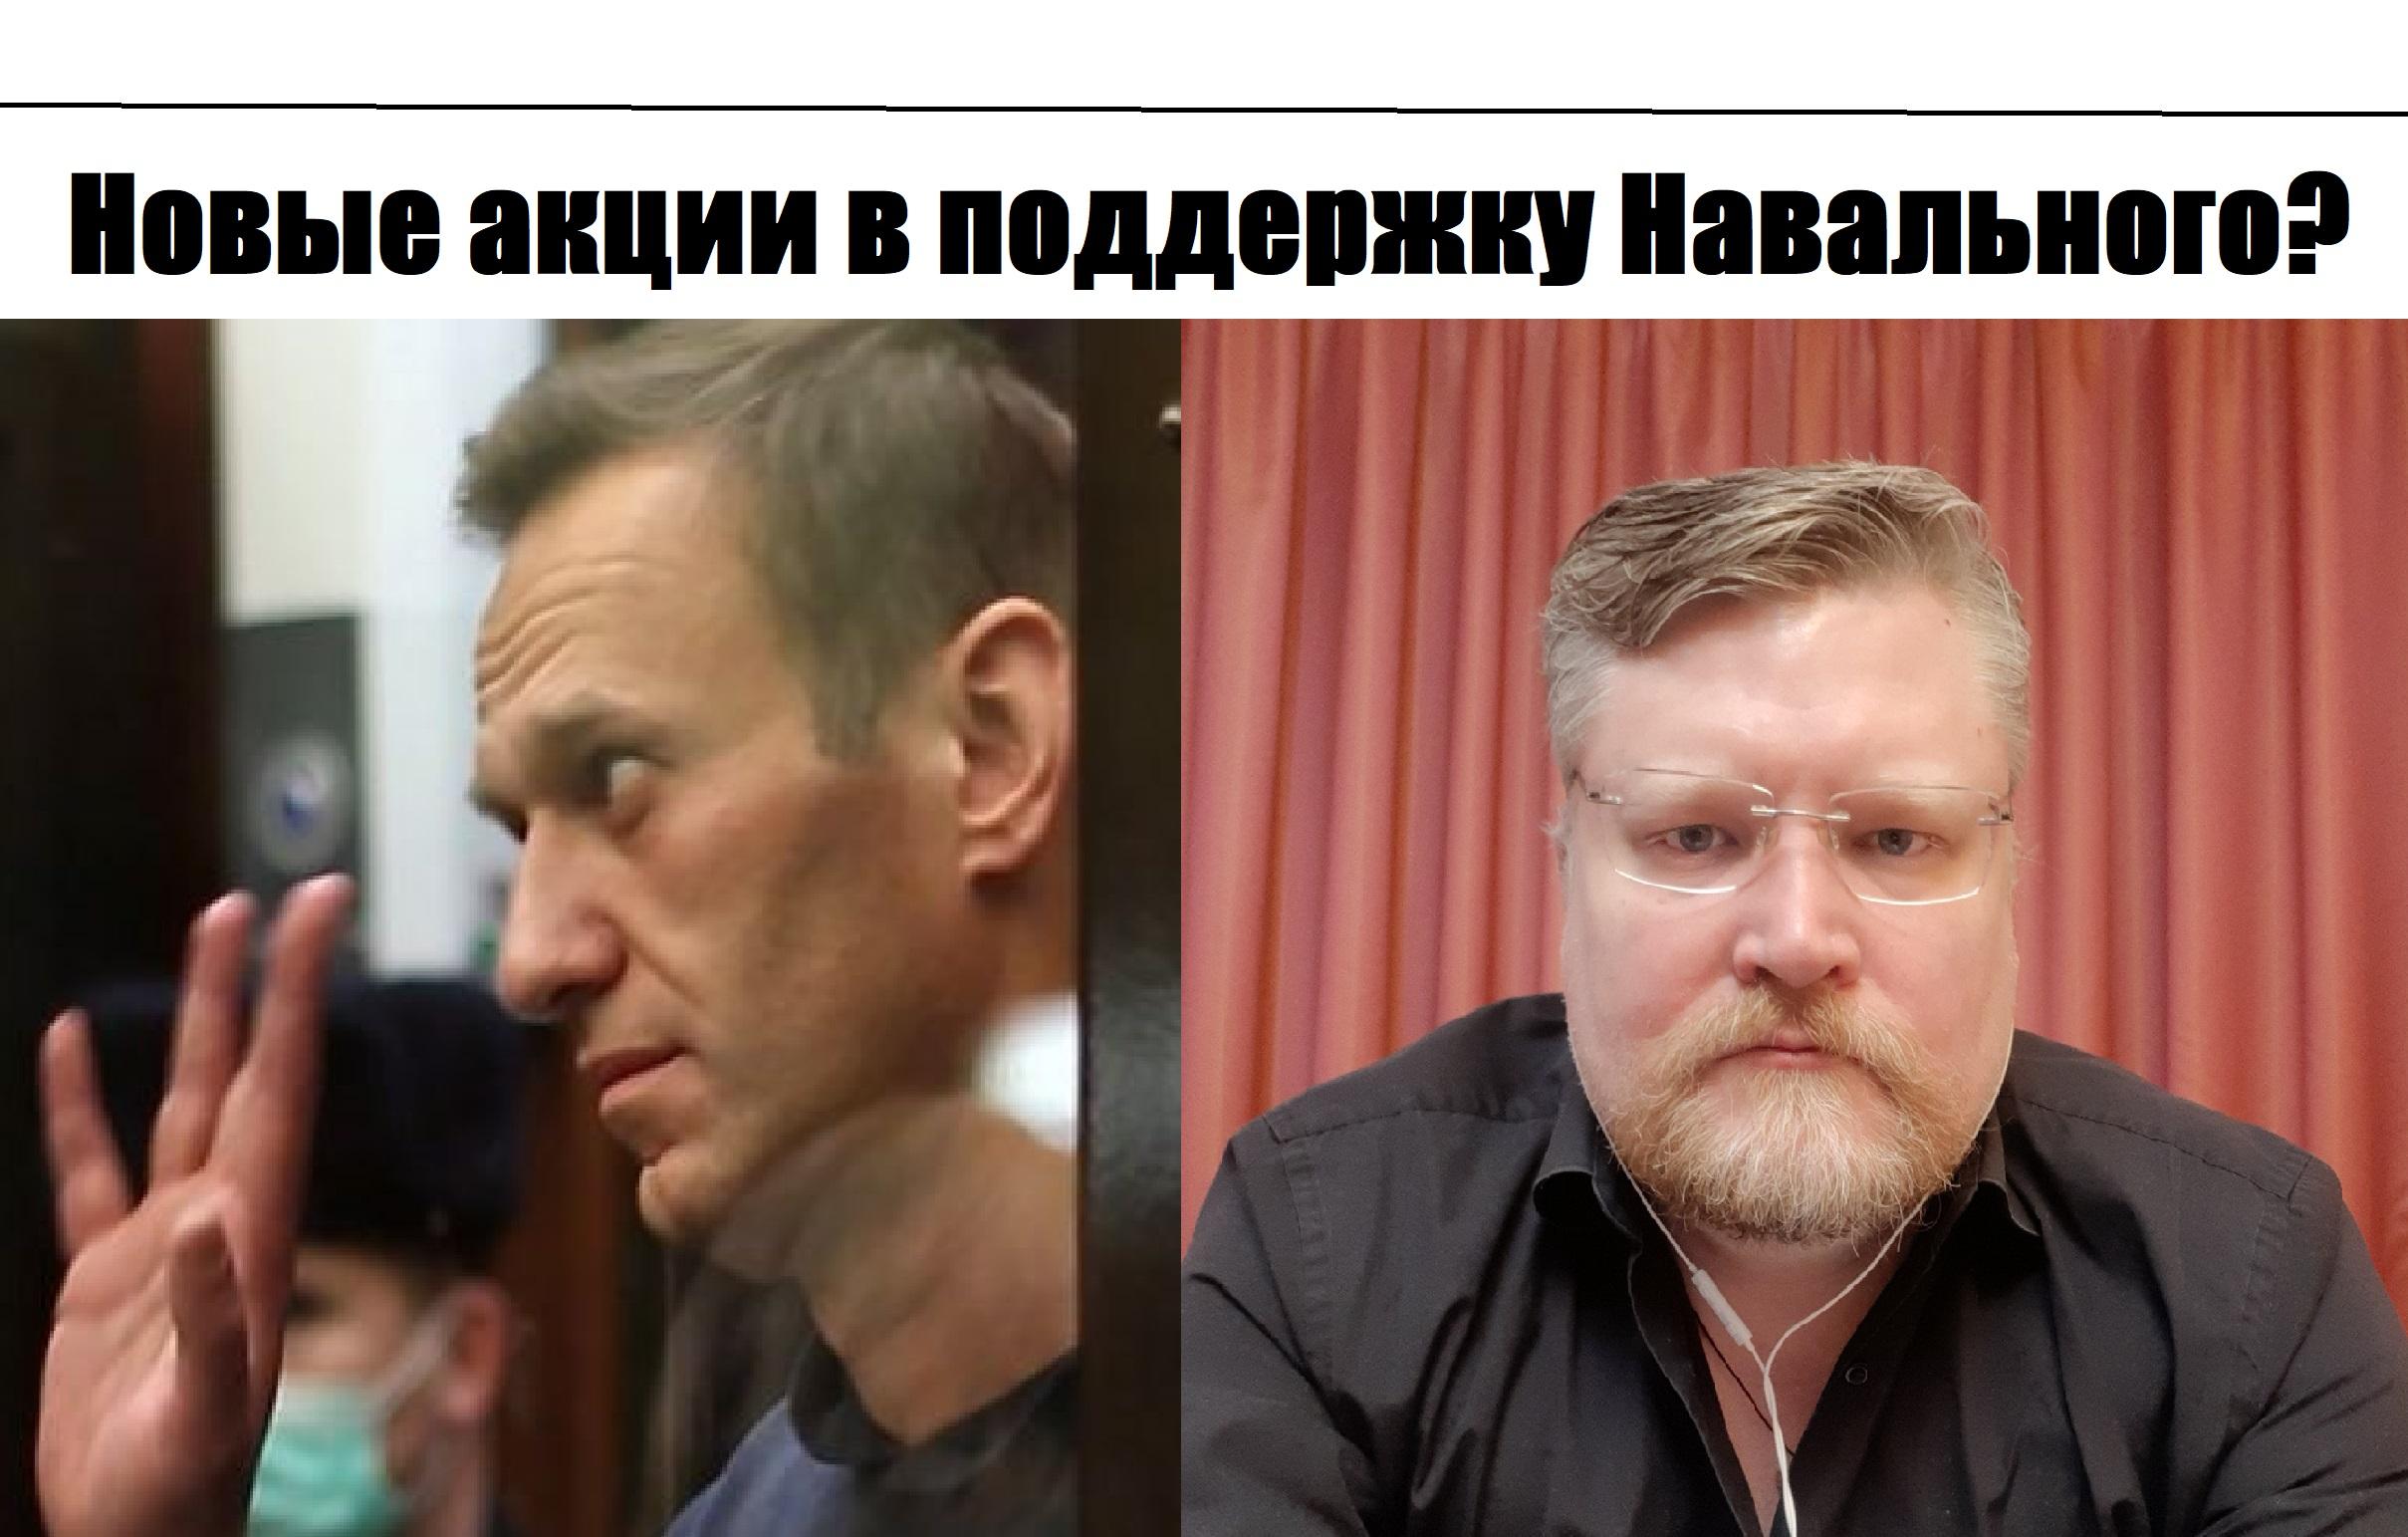 14 февраля в поддержку НАвального акции